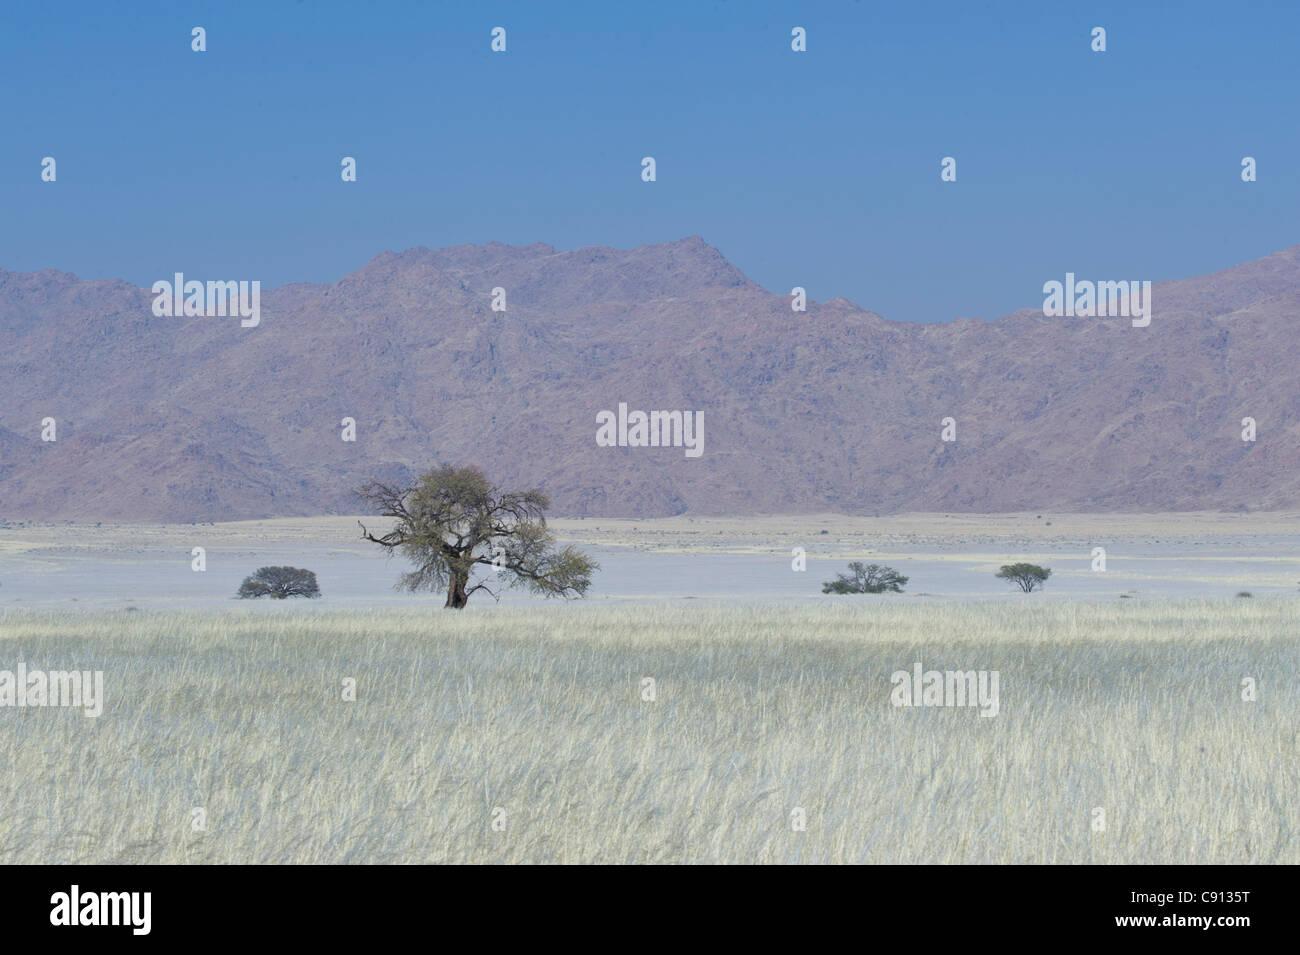 Koiimasis farm Tiras Mountains Namibia - Stock Image